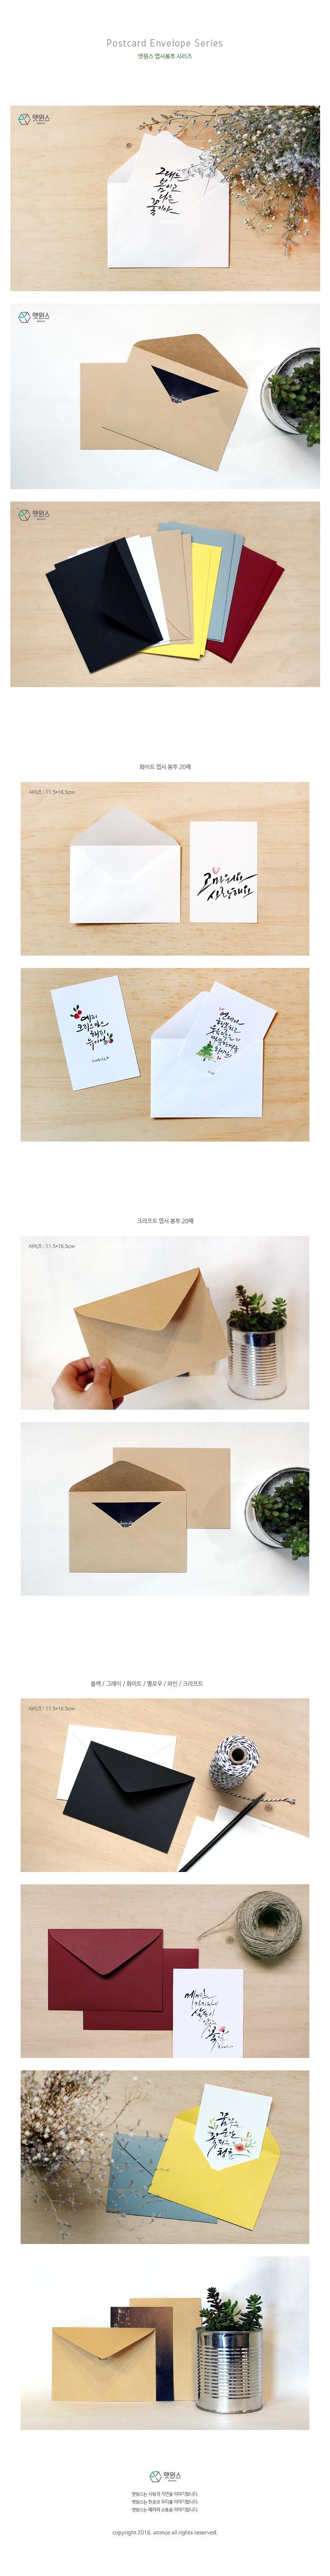 캘리그라피 무지엽서용 컬러봉투 - 캘리하우스, 2,000원, 카드, 감사 카드